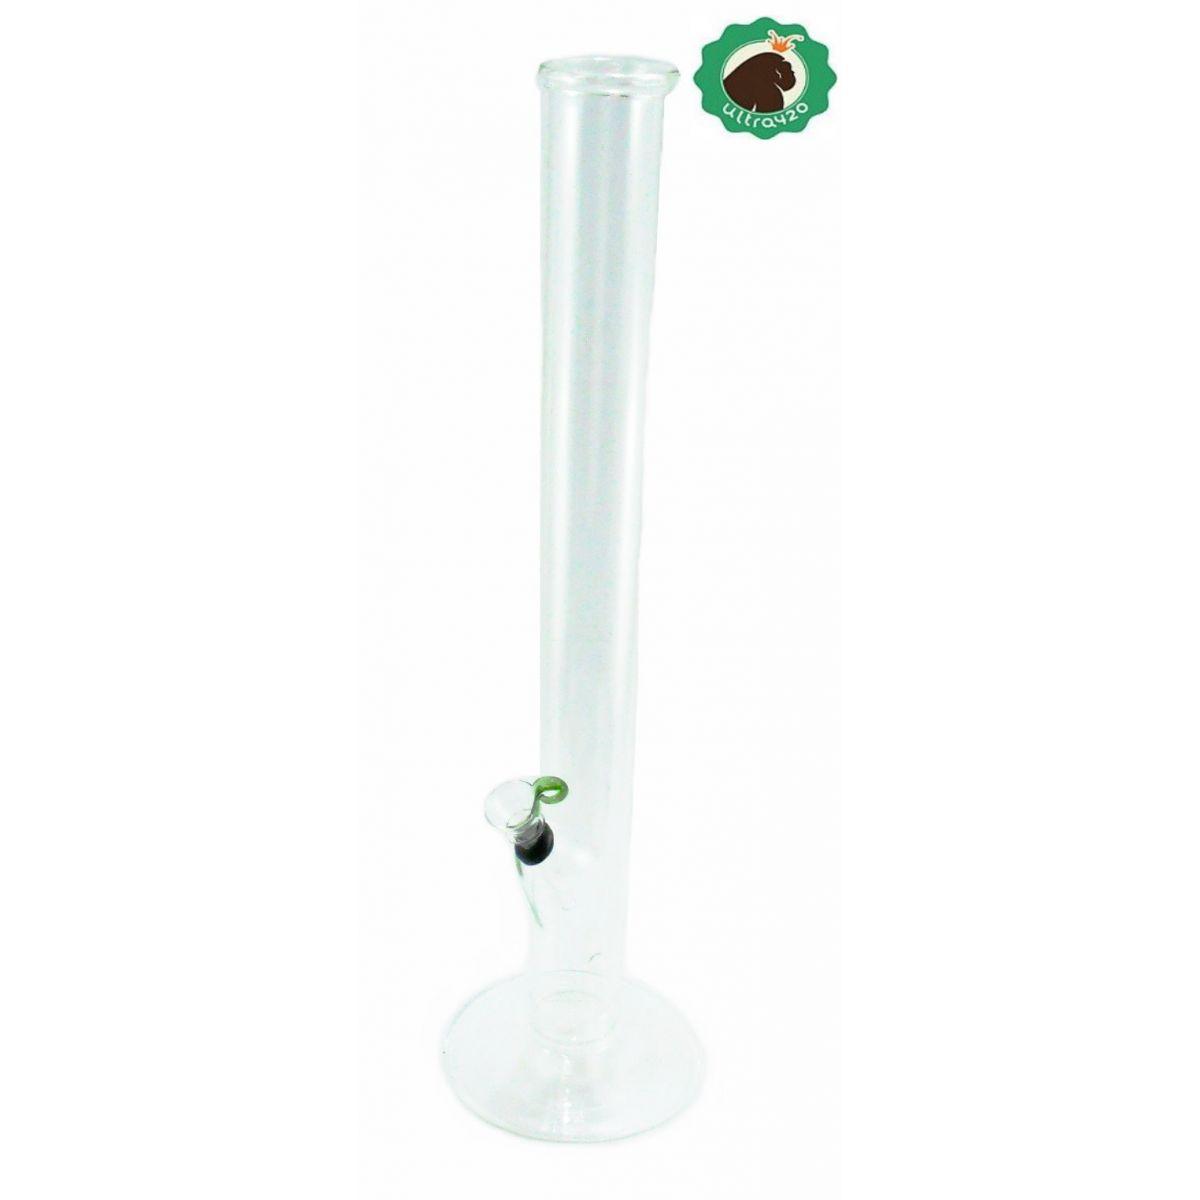 Bong de pirex TX 8, alto, 40cm, formato de torre. Bowl de borracha.